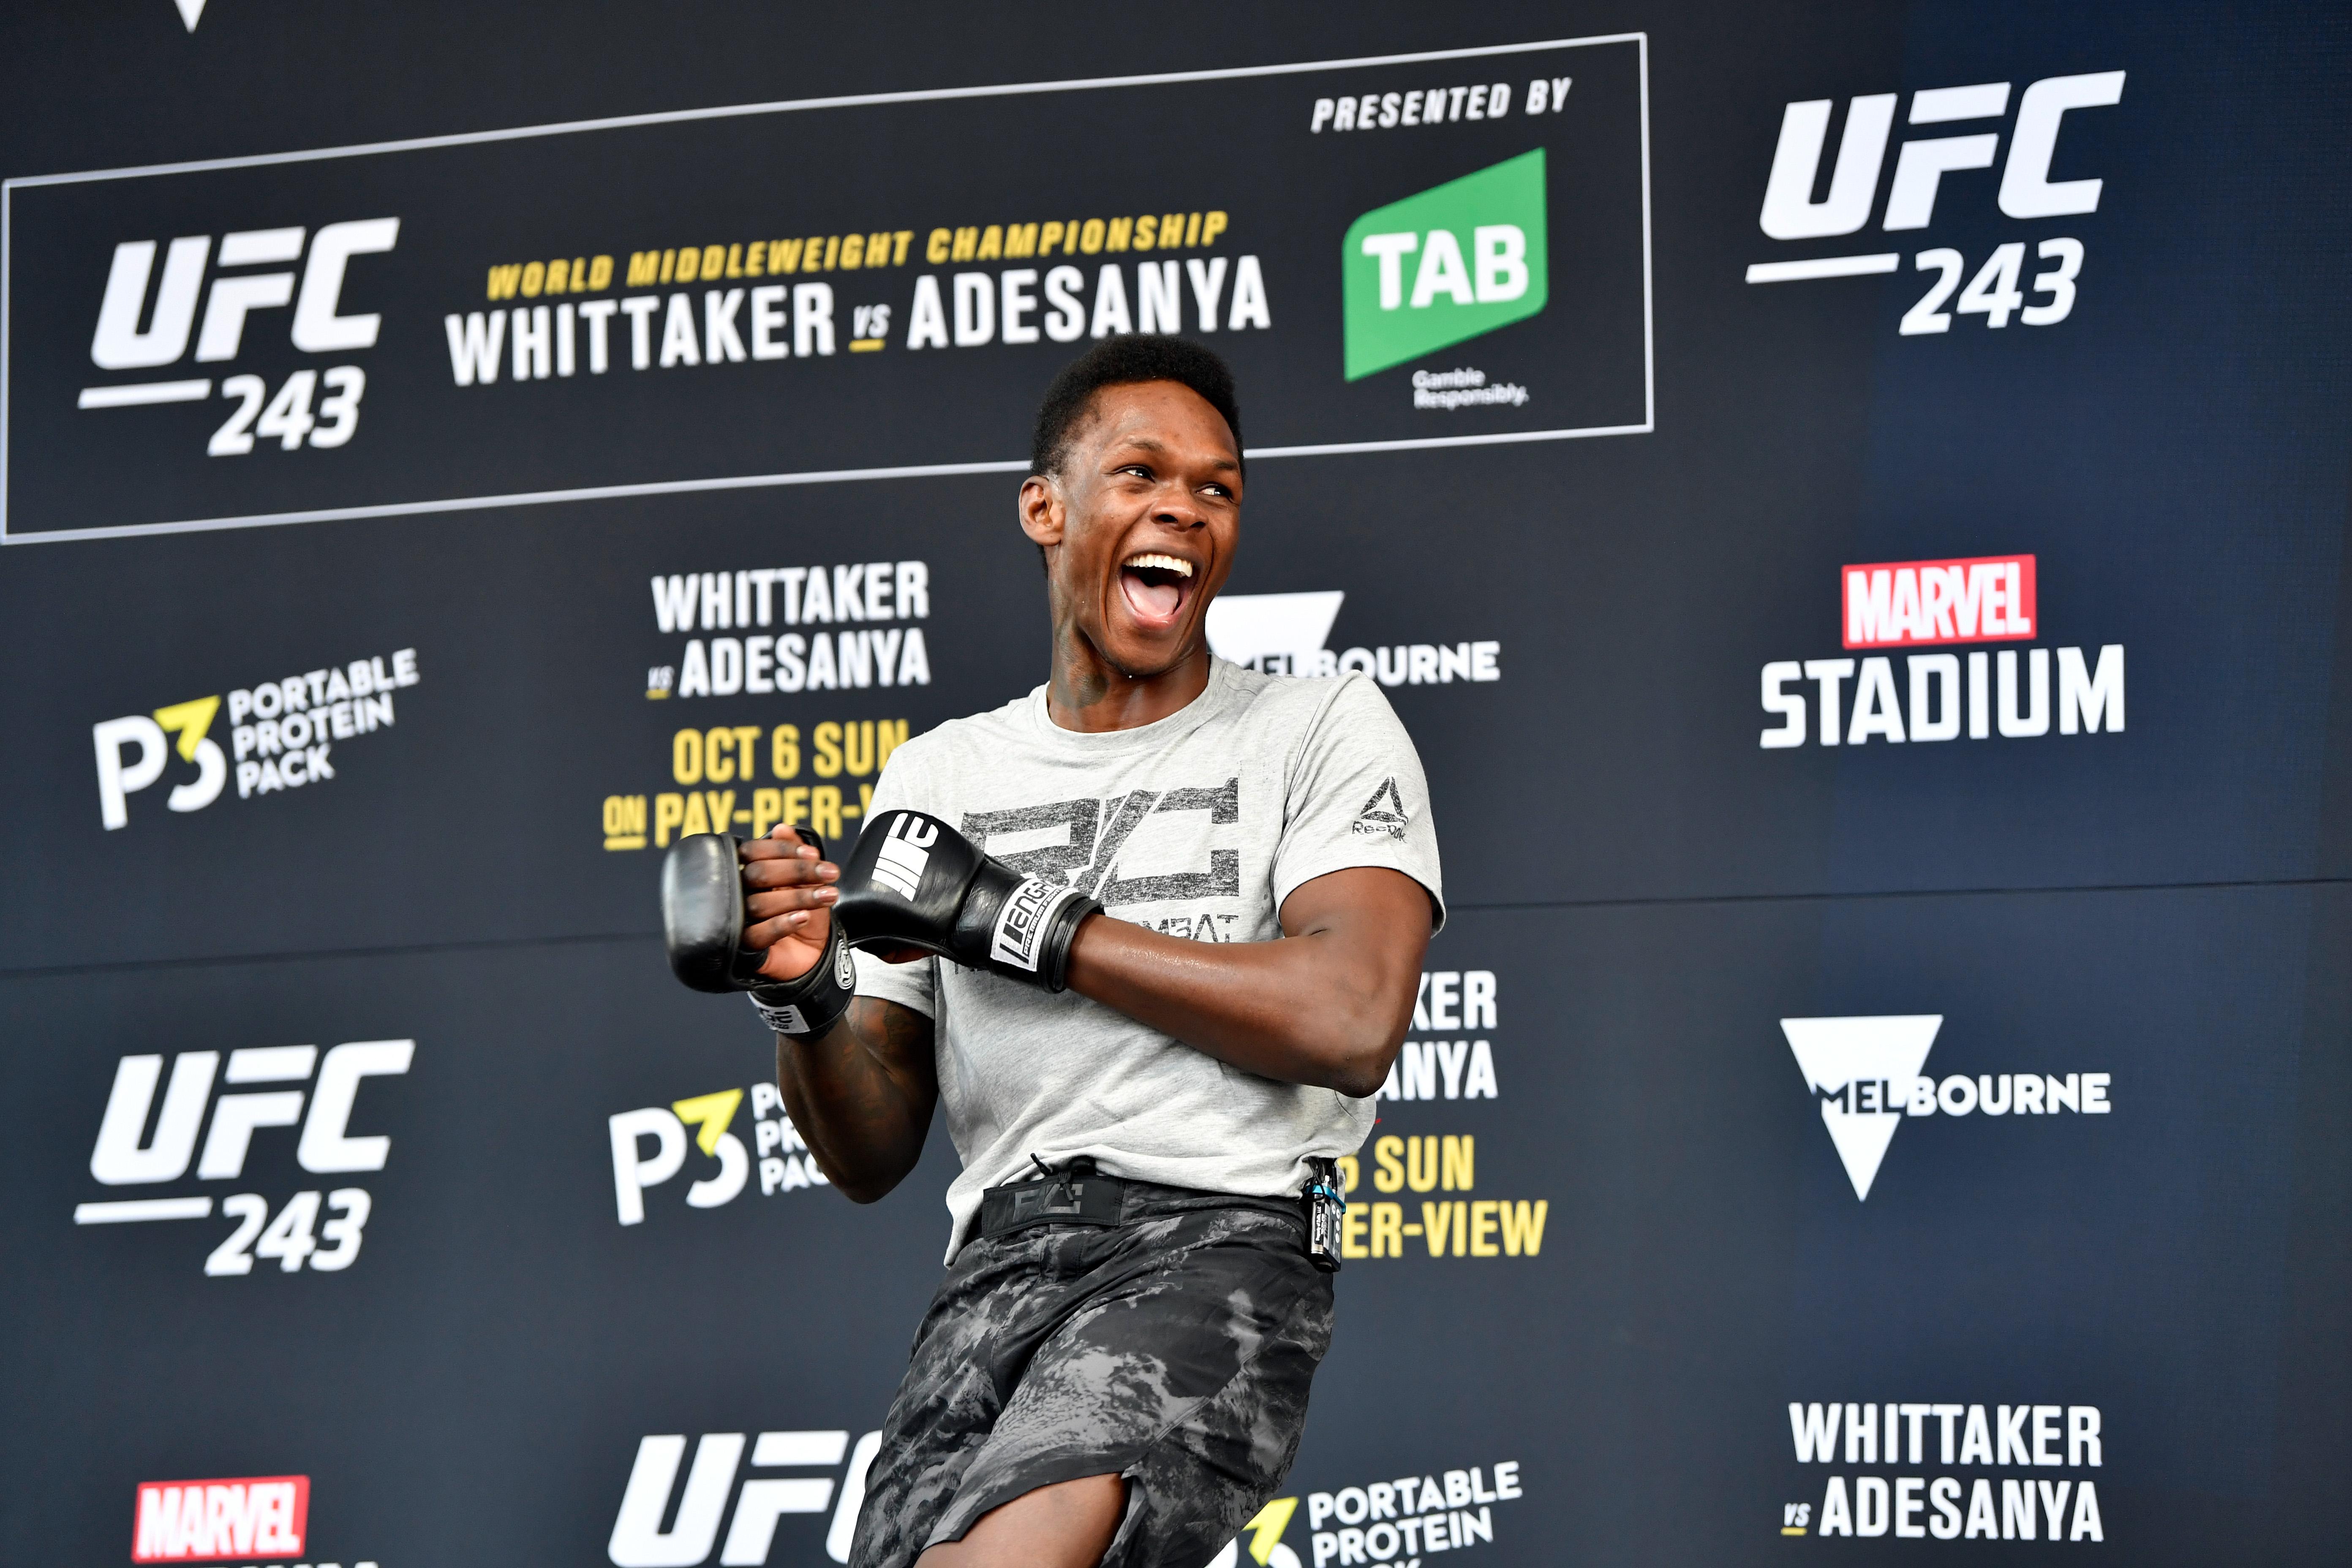 UFC 243 Whittaker v Adesanya: Open Workouts